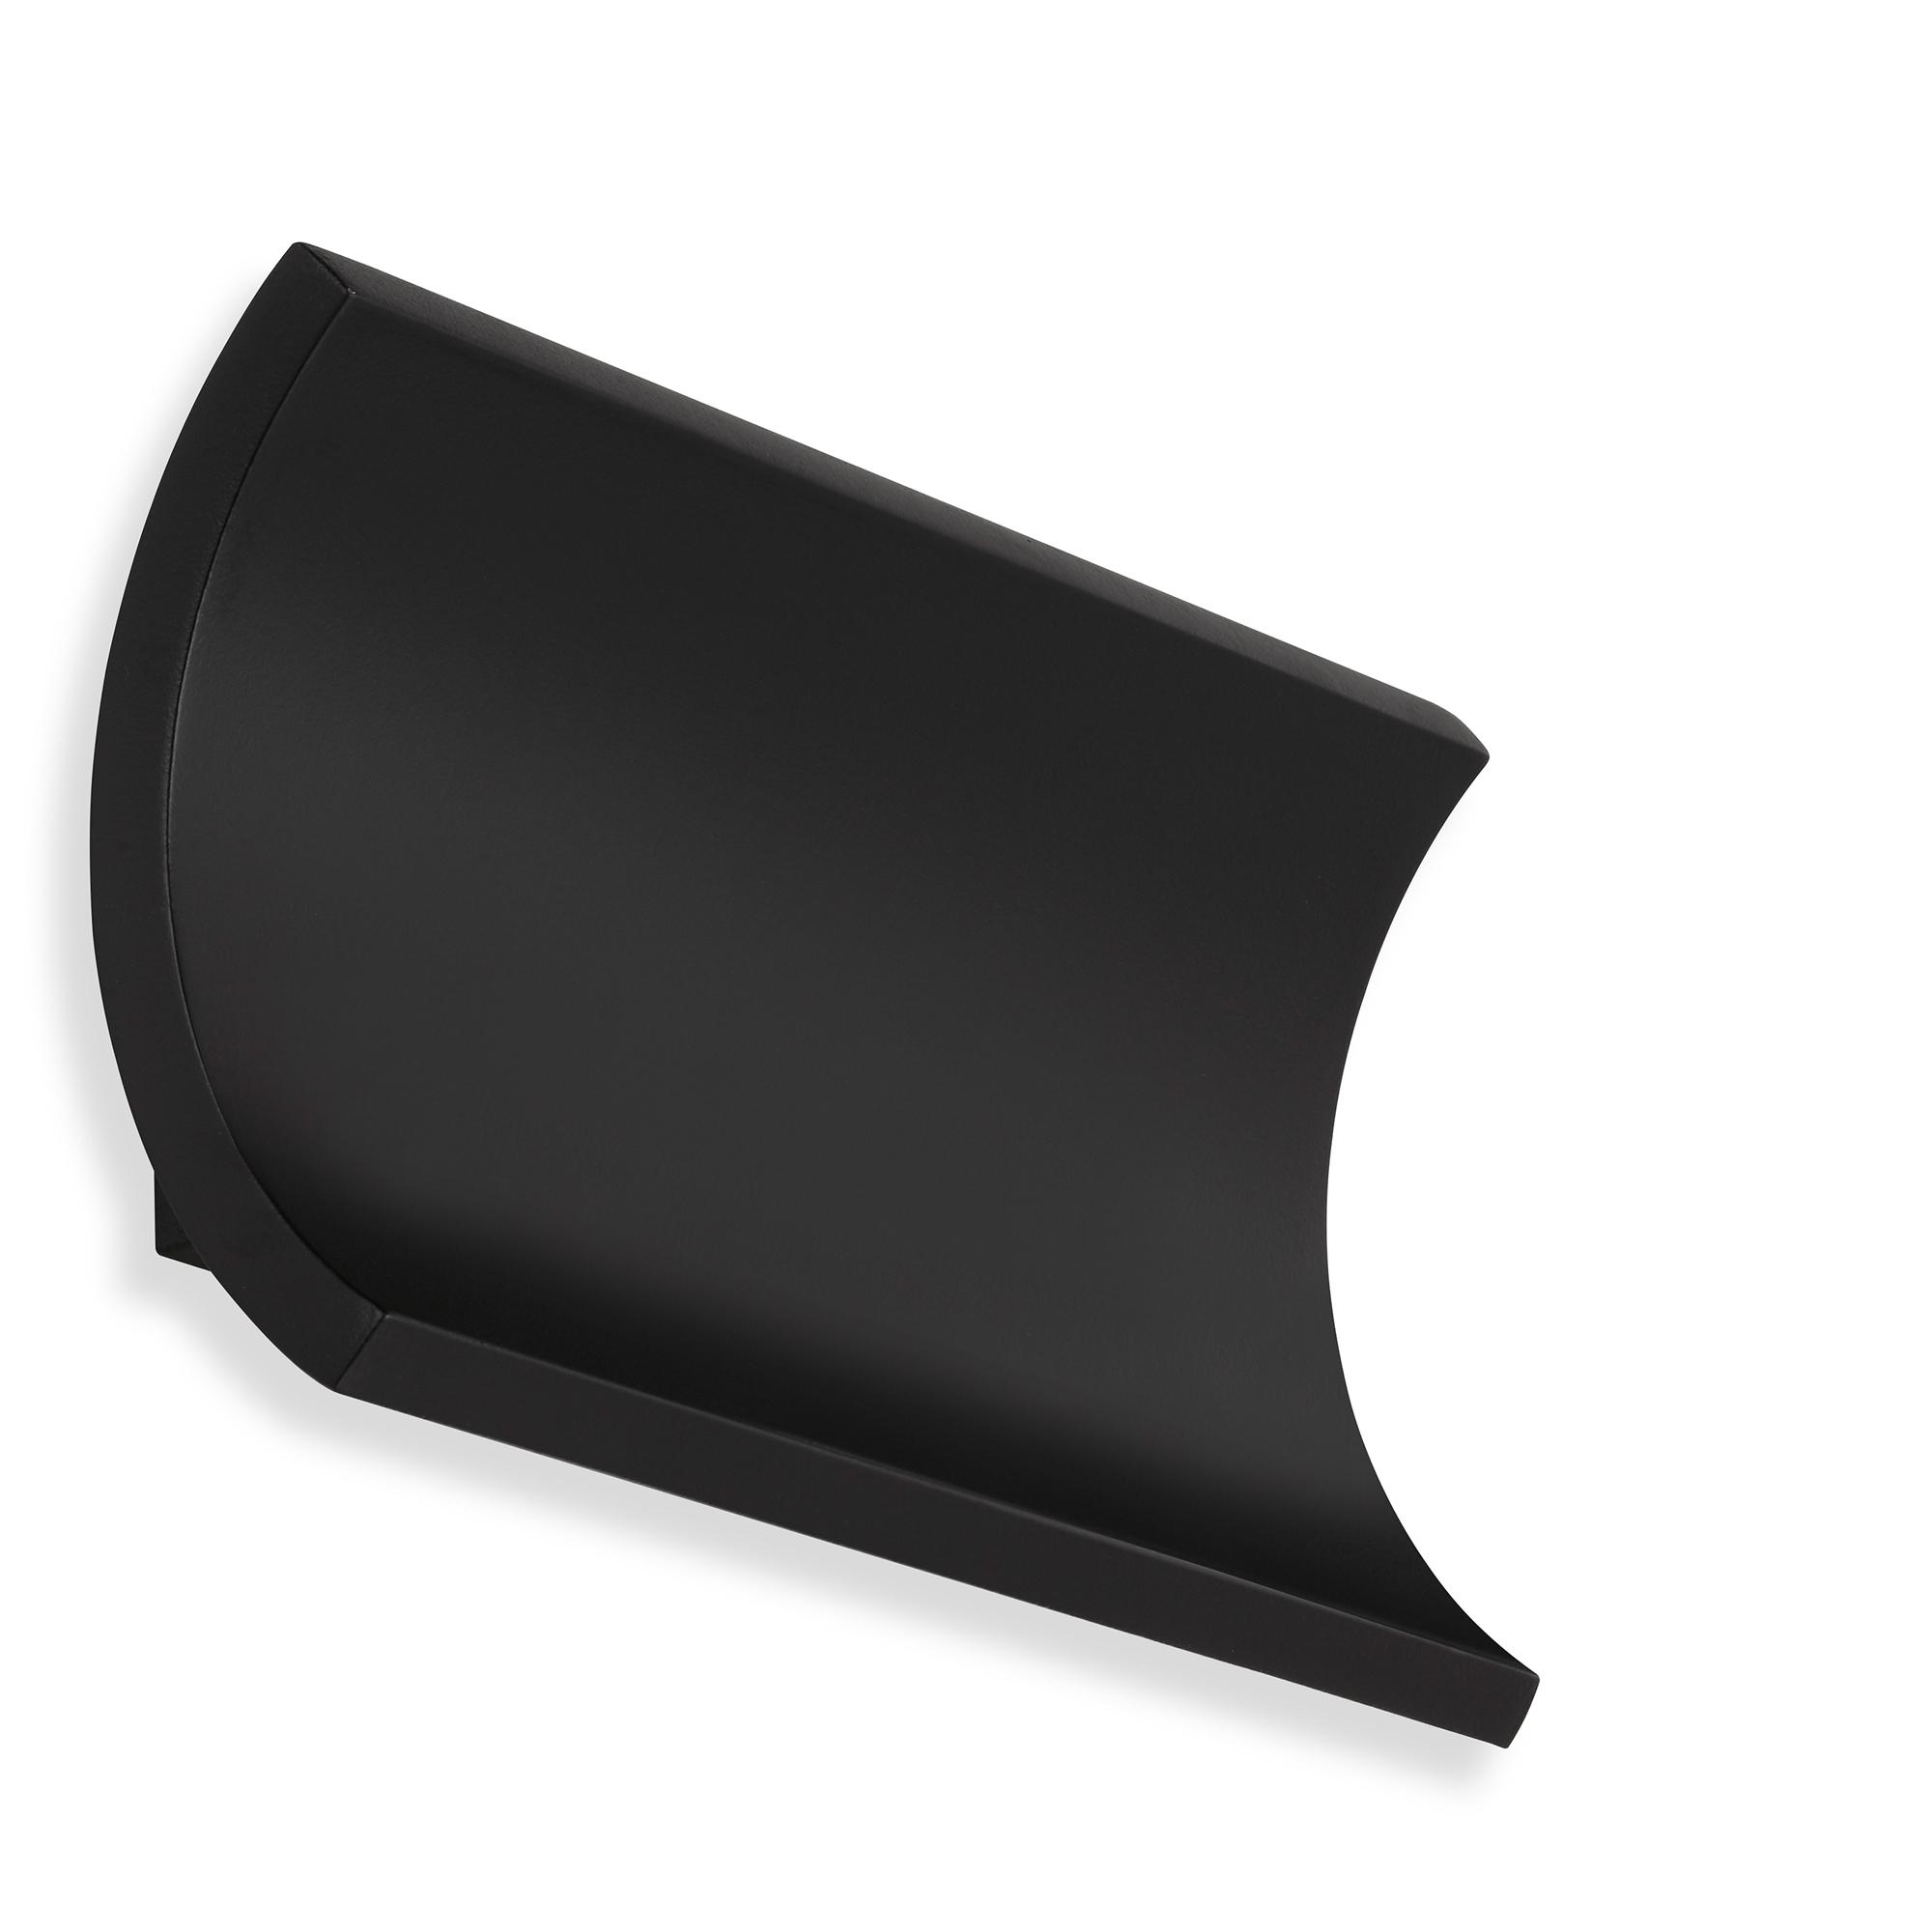 TELEFUNKEN LED Außenwandleuchte, 19,7 cm, 12 W, Schwarz